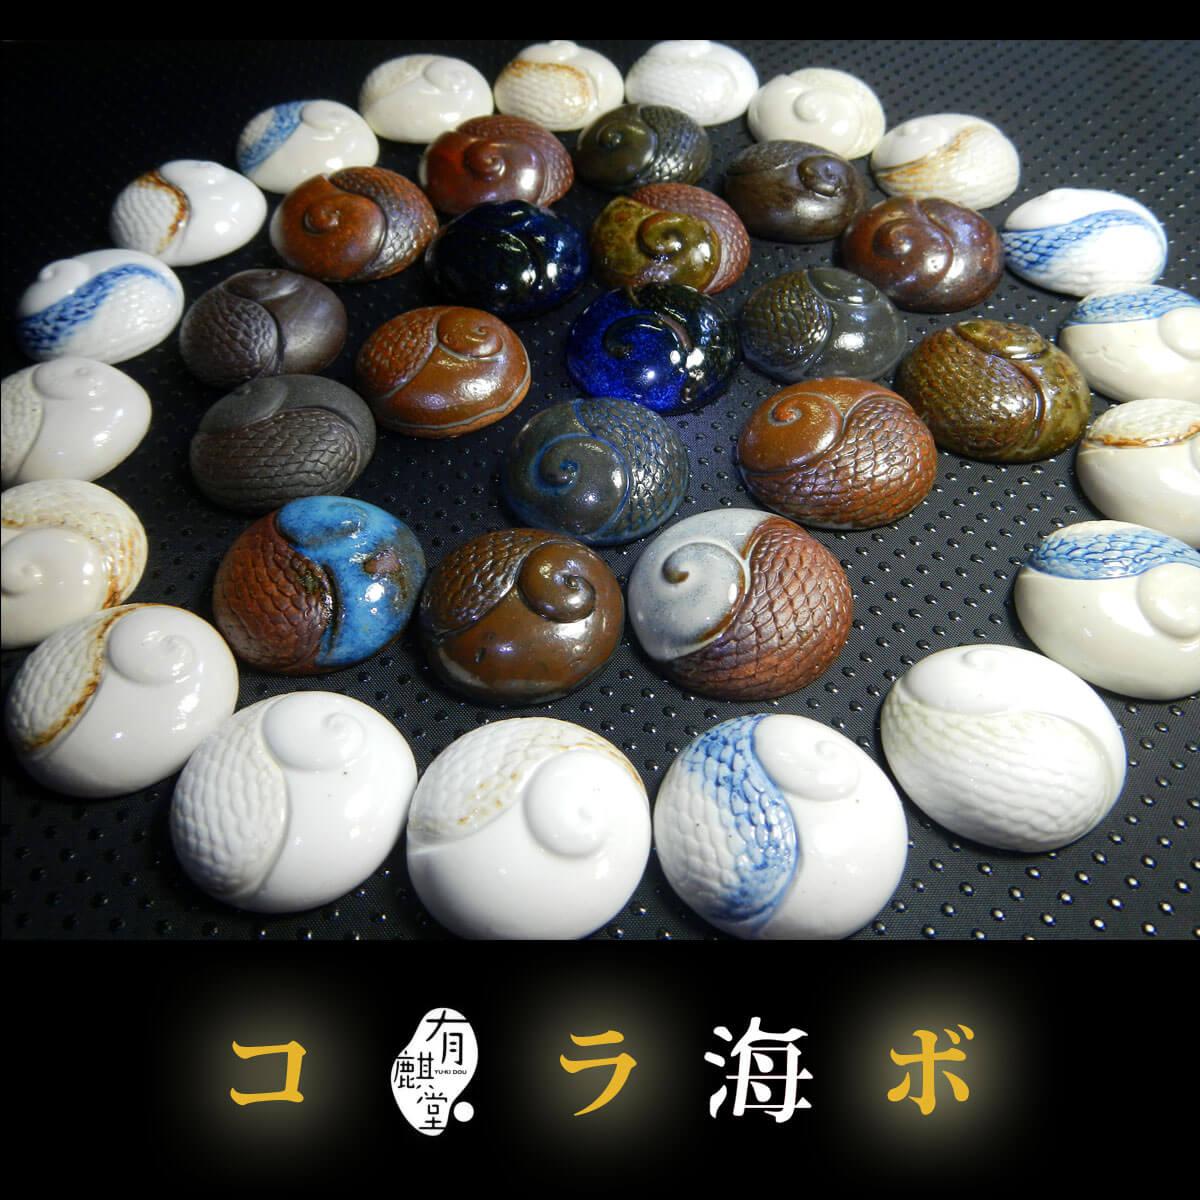 スケまる陶器【有】三十二点 有麒堂×深海マザーコラボ作品